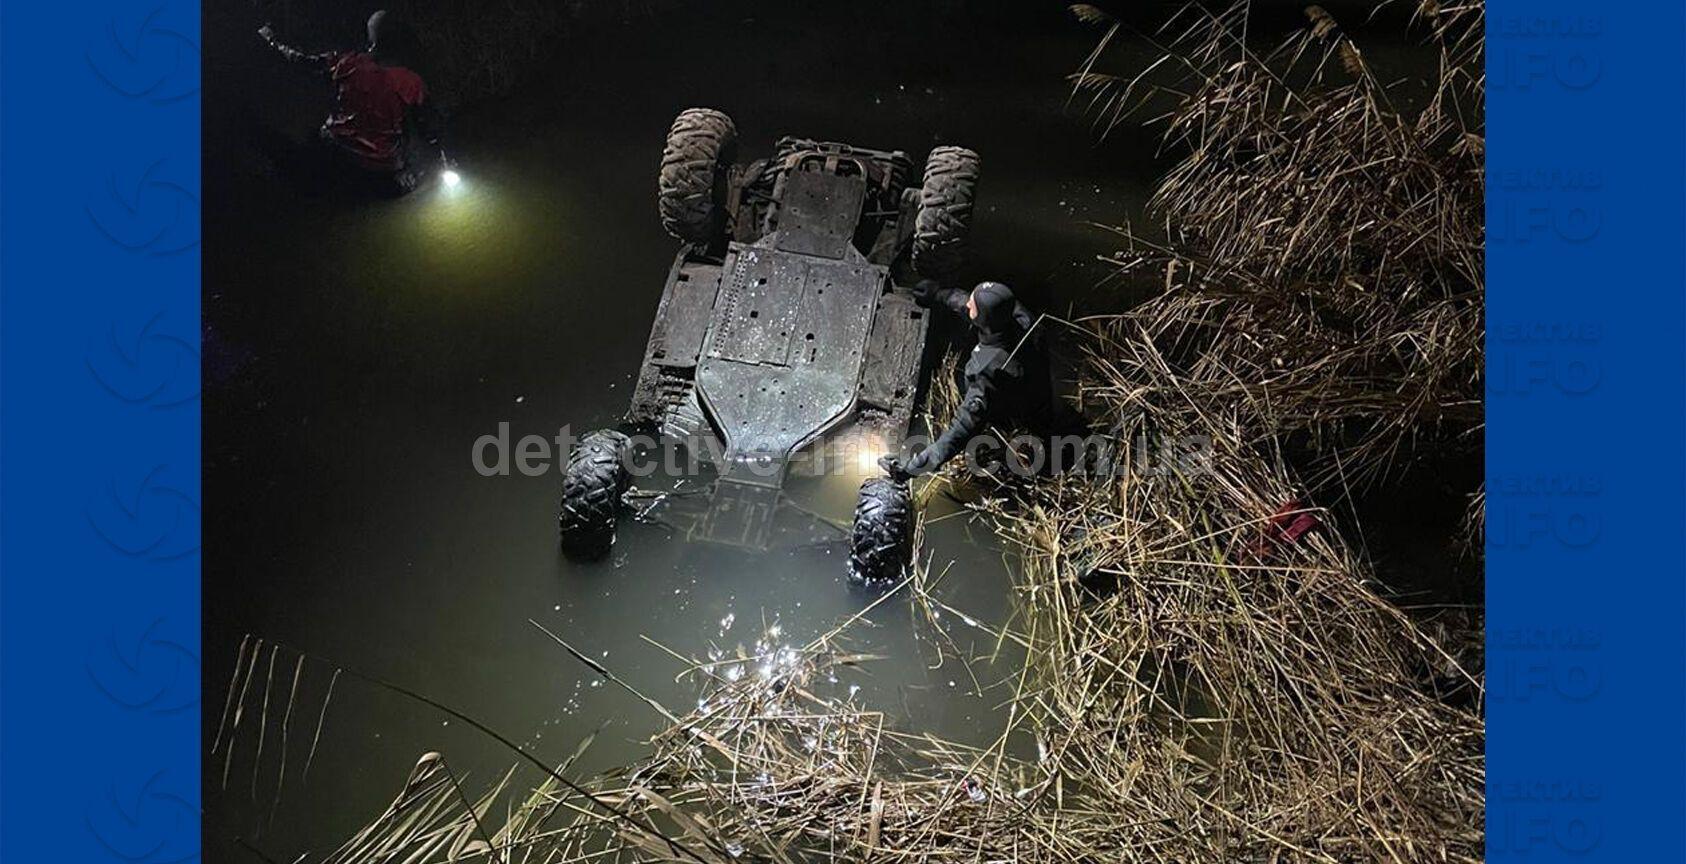 Авто с телами подростков нашли в реке.